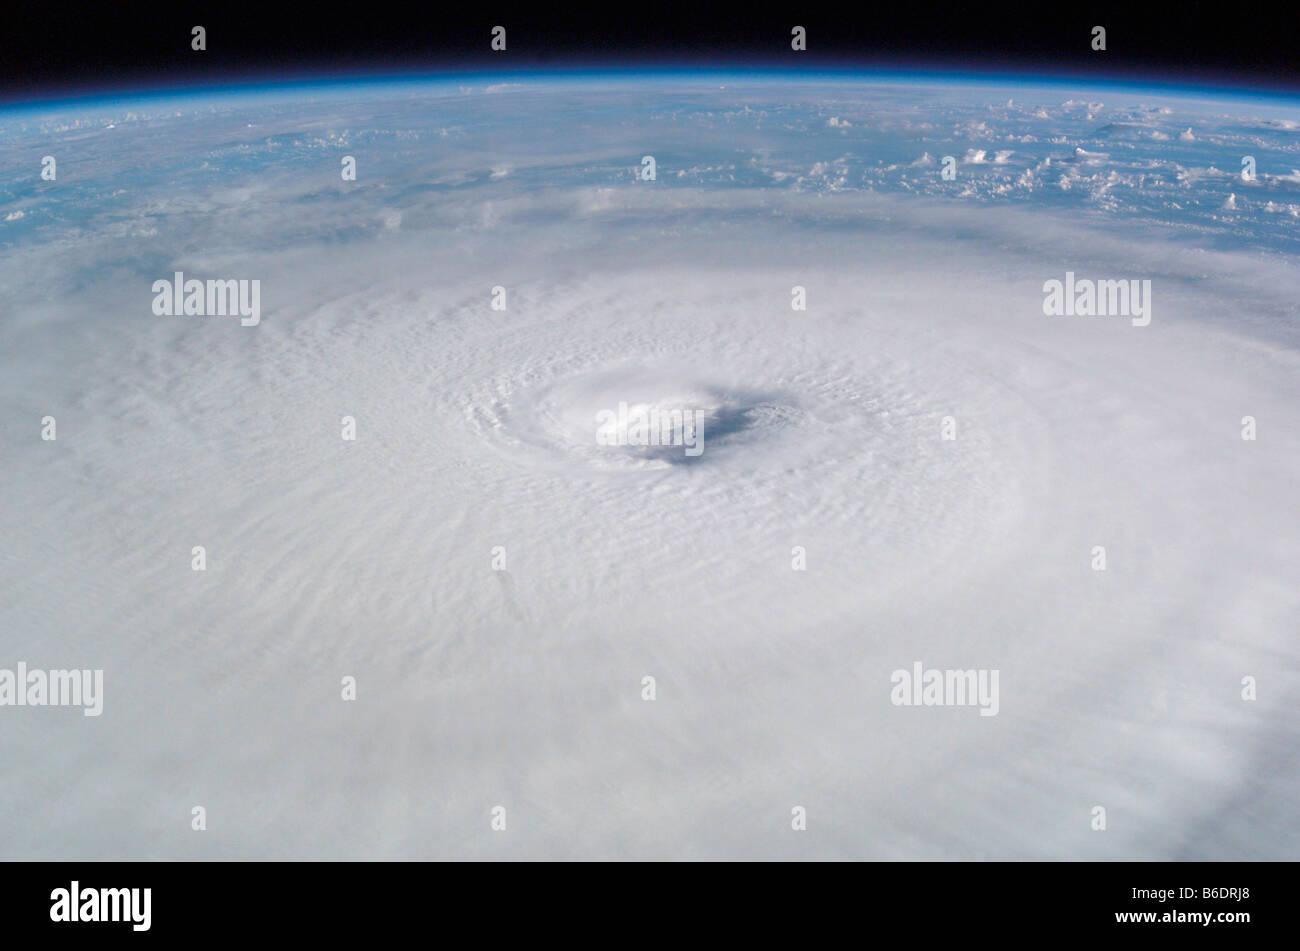 Hurrikan Isabel. Dieses Bild wurde von der internationalen Raumstation ISS am 13. September 2003 aufgenommen. Stockbild